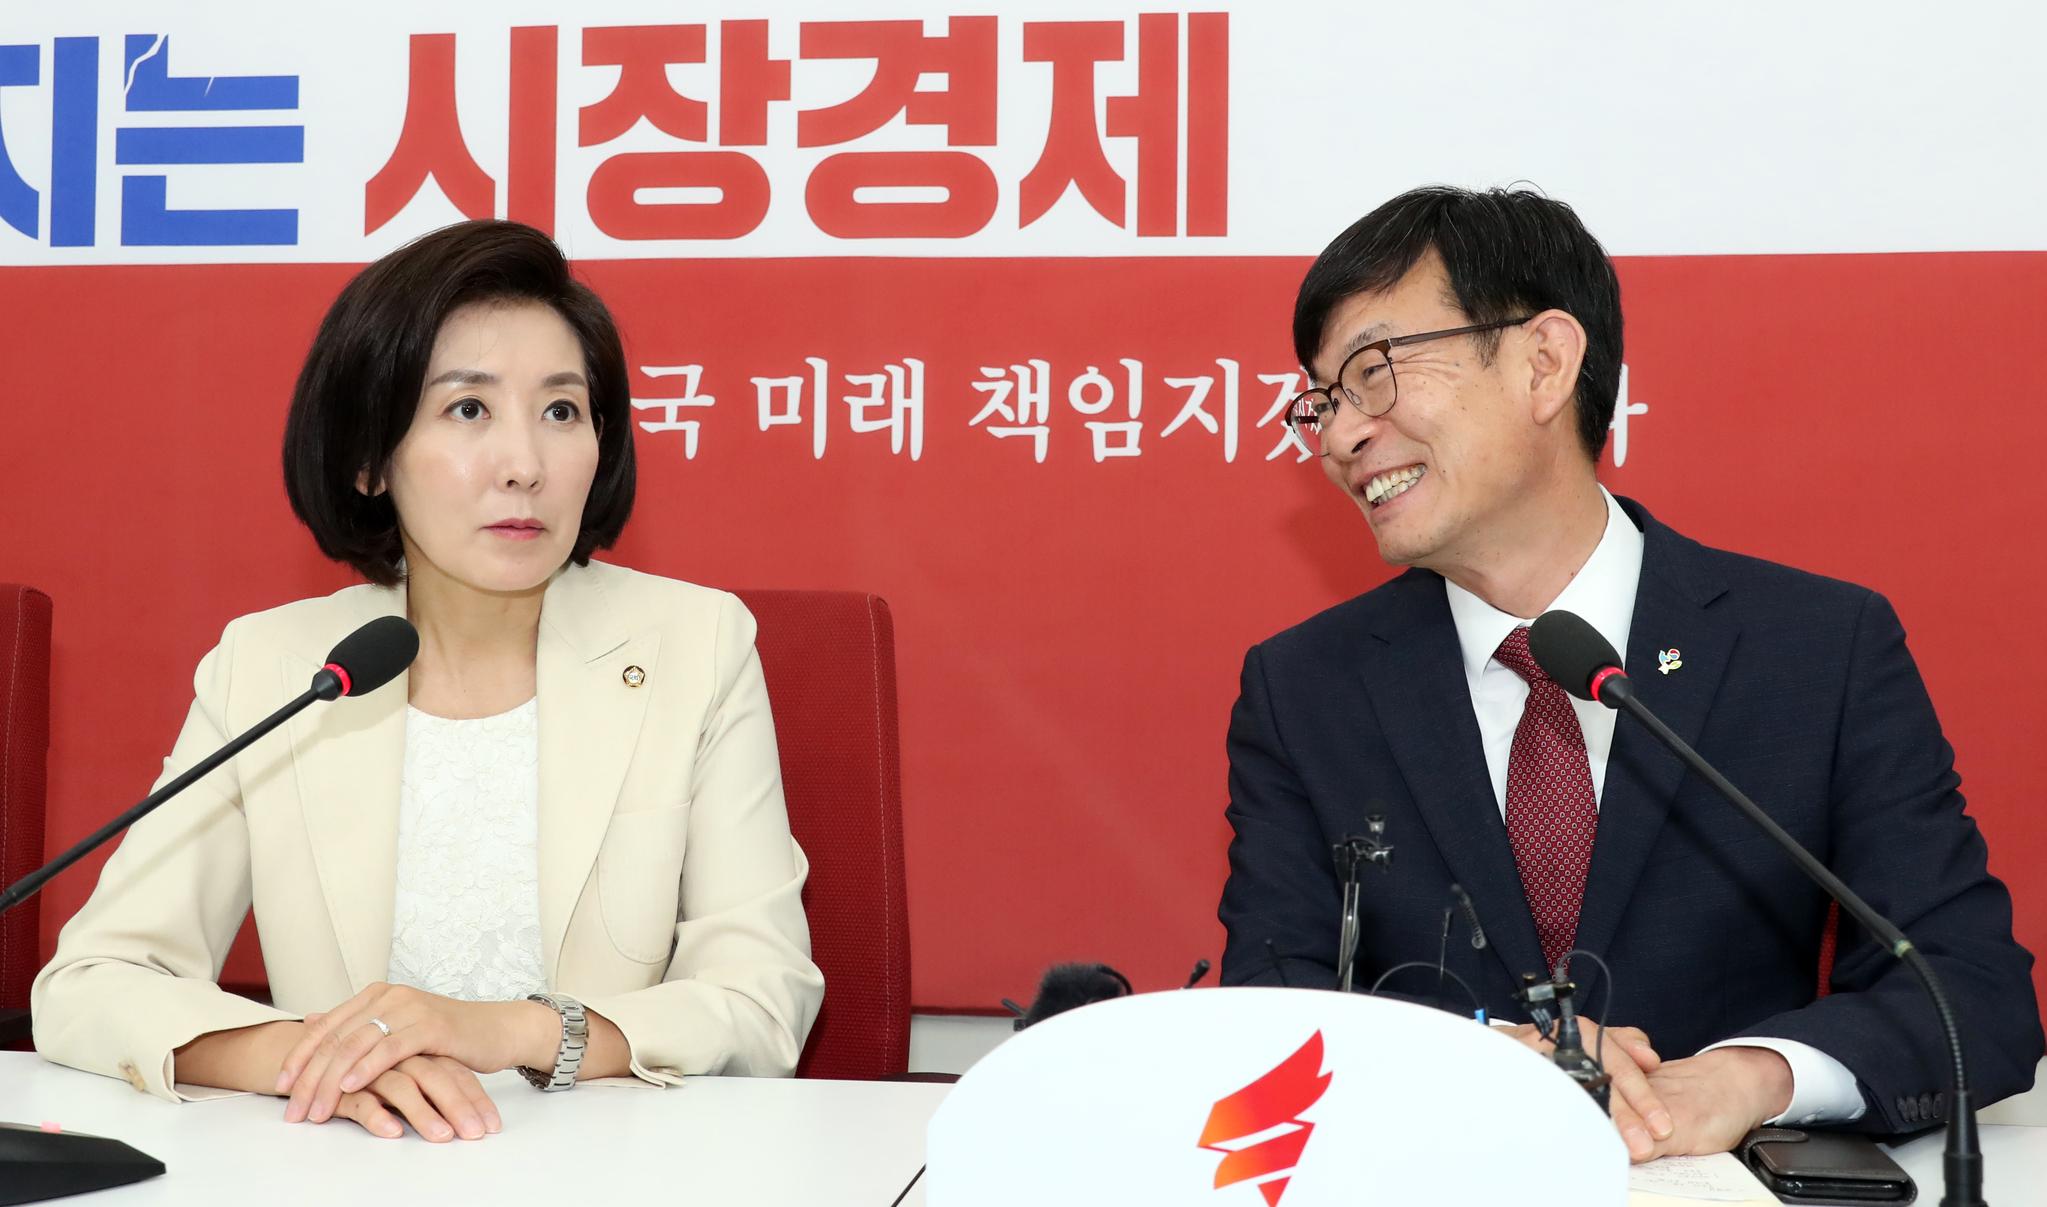 나경원 자유한국당 원내대표가 27일 오후 국회를 찾은 김상조 청와대 정책실장과 이야기를 나누고 있다. 변선구 기자